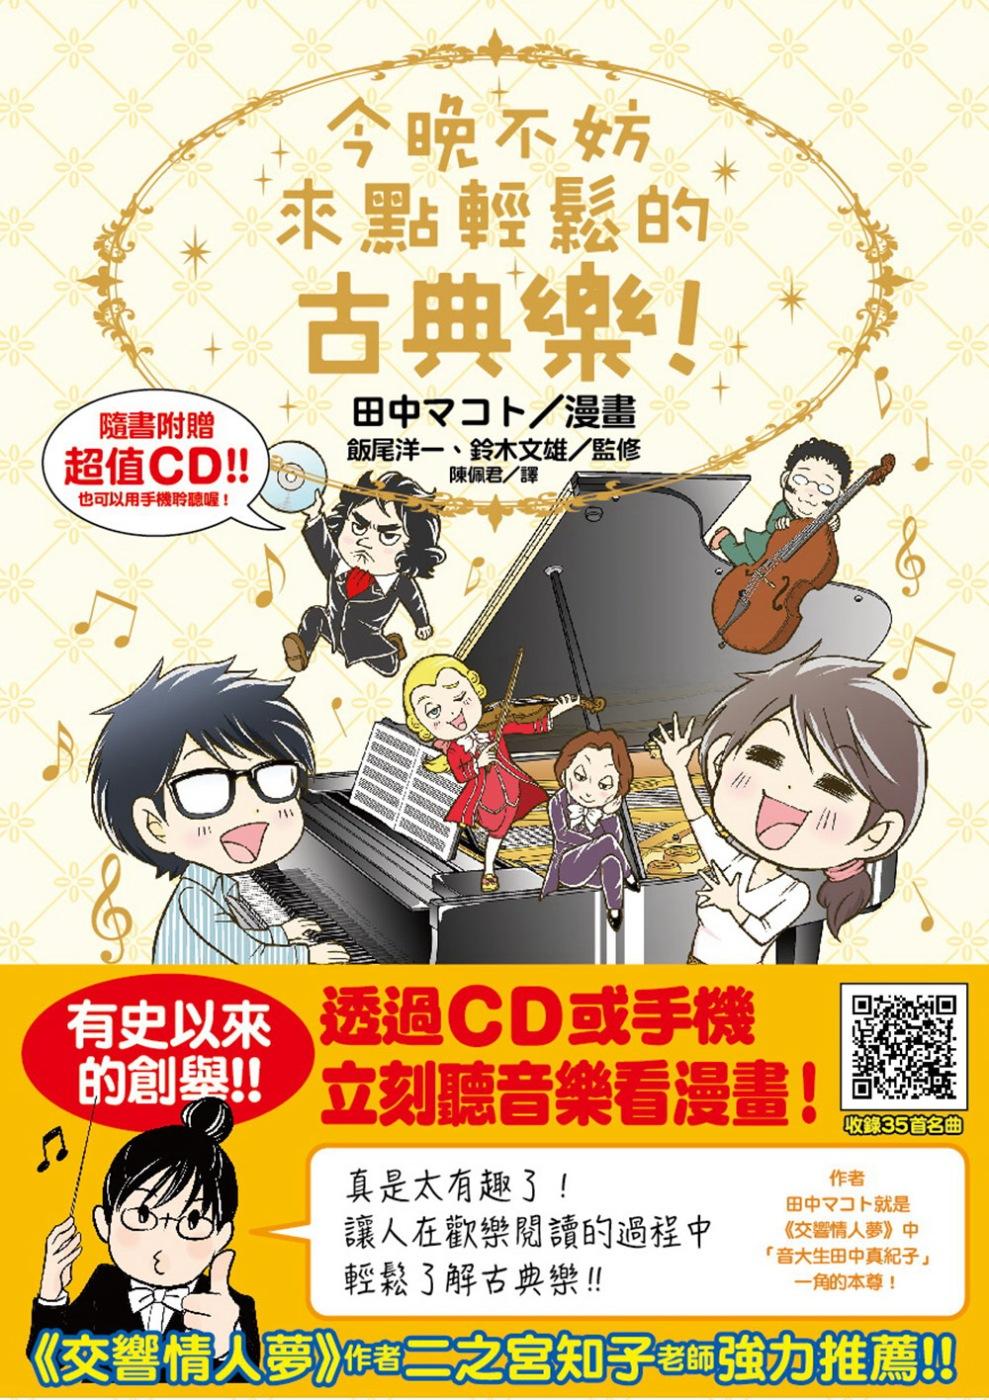 今晚不妨來點輕鬆的古典樂!